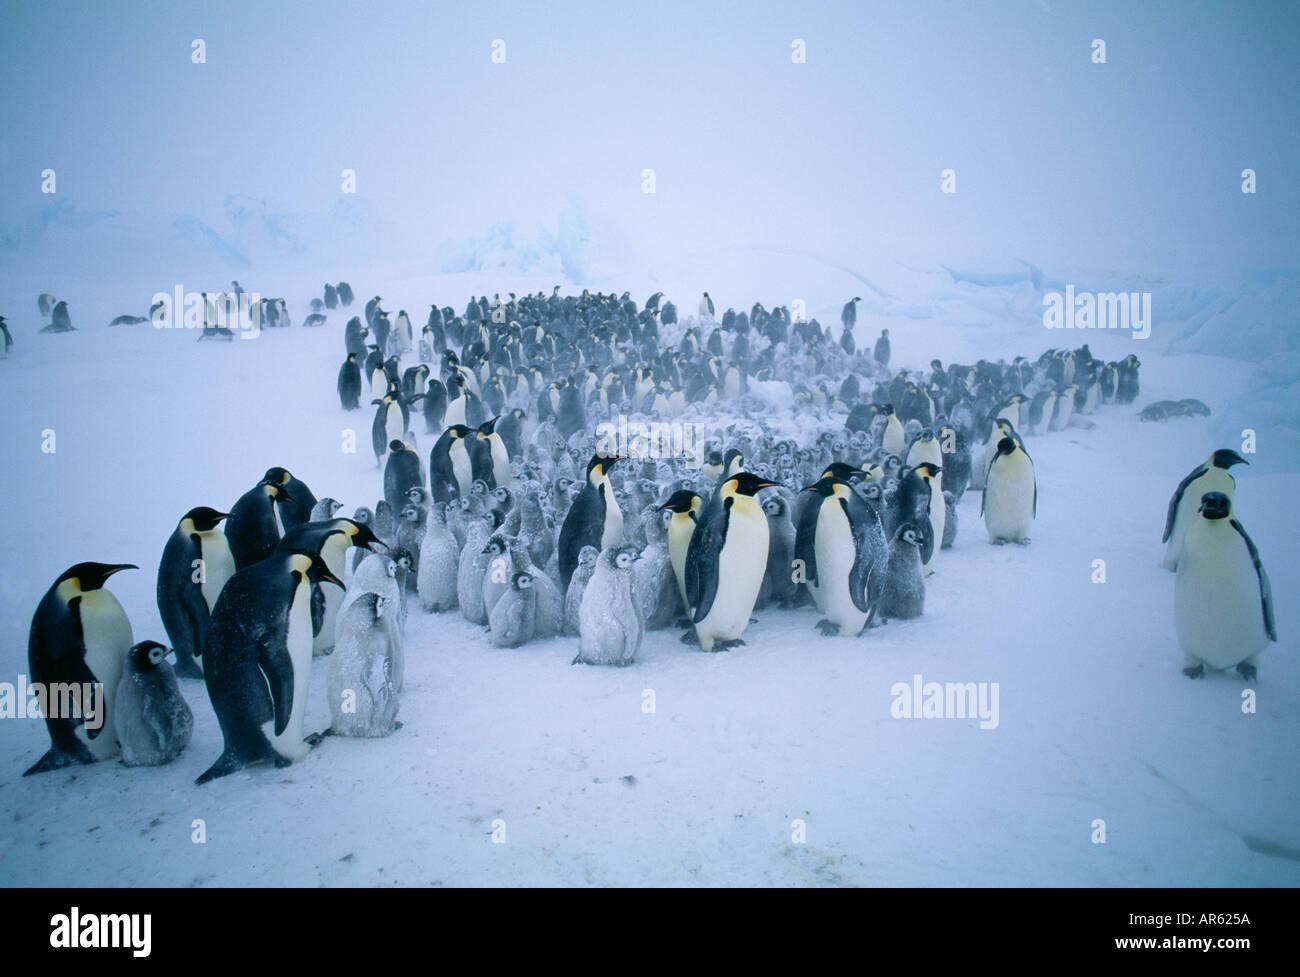 Kaiserpinguine Aptenodytes forsteri Gruppe versammelten sich bei Unwetter Weddell Meer Antarktis Stockbild